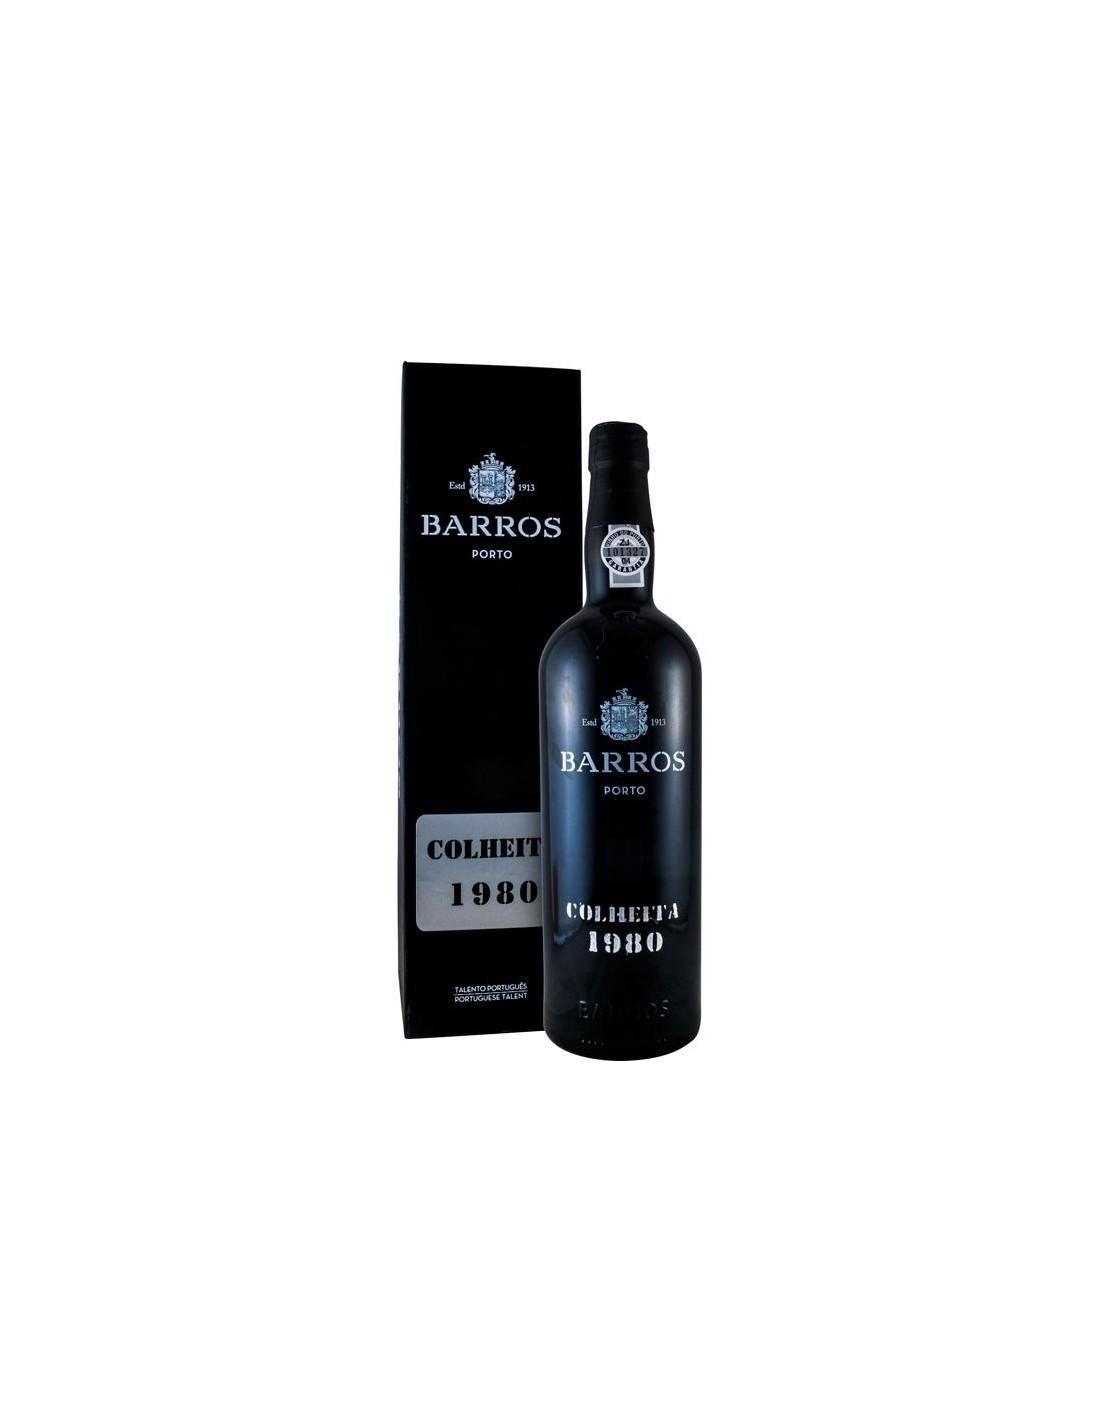 Vin porto rosu, Cupaj, Barros Colheita, 1980, 0.75L, 20% alc., Portugalia